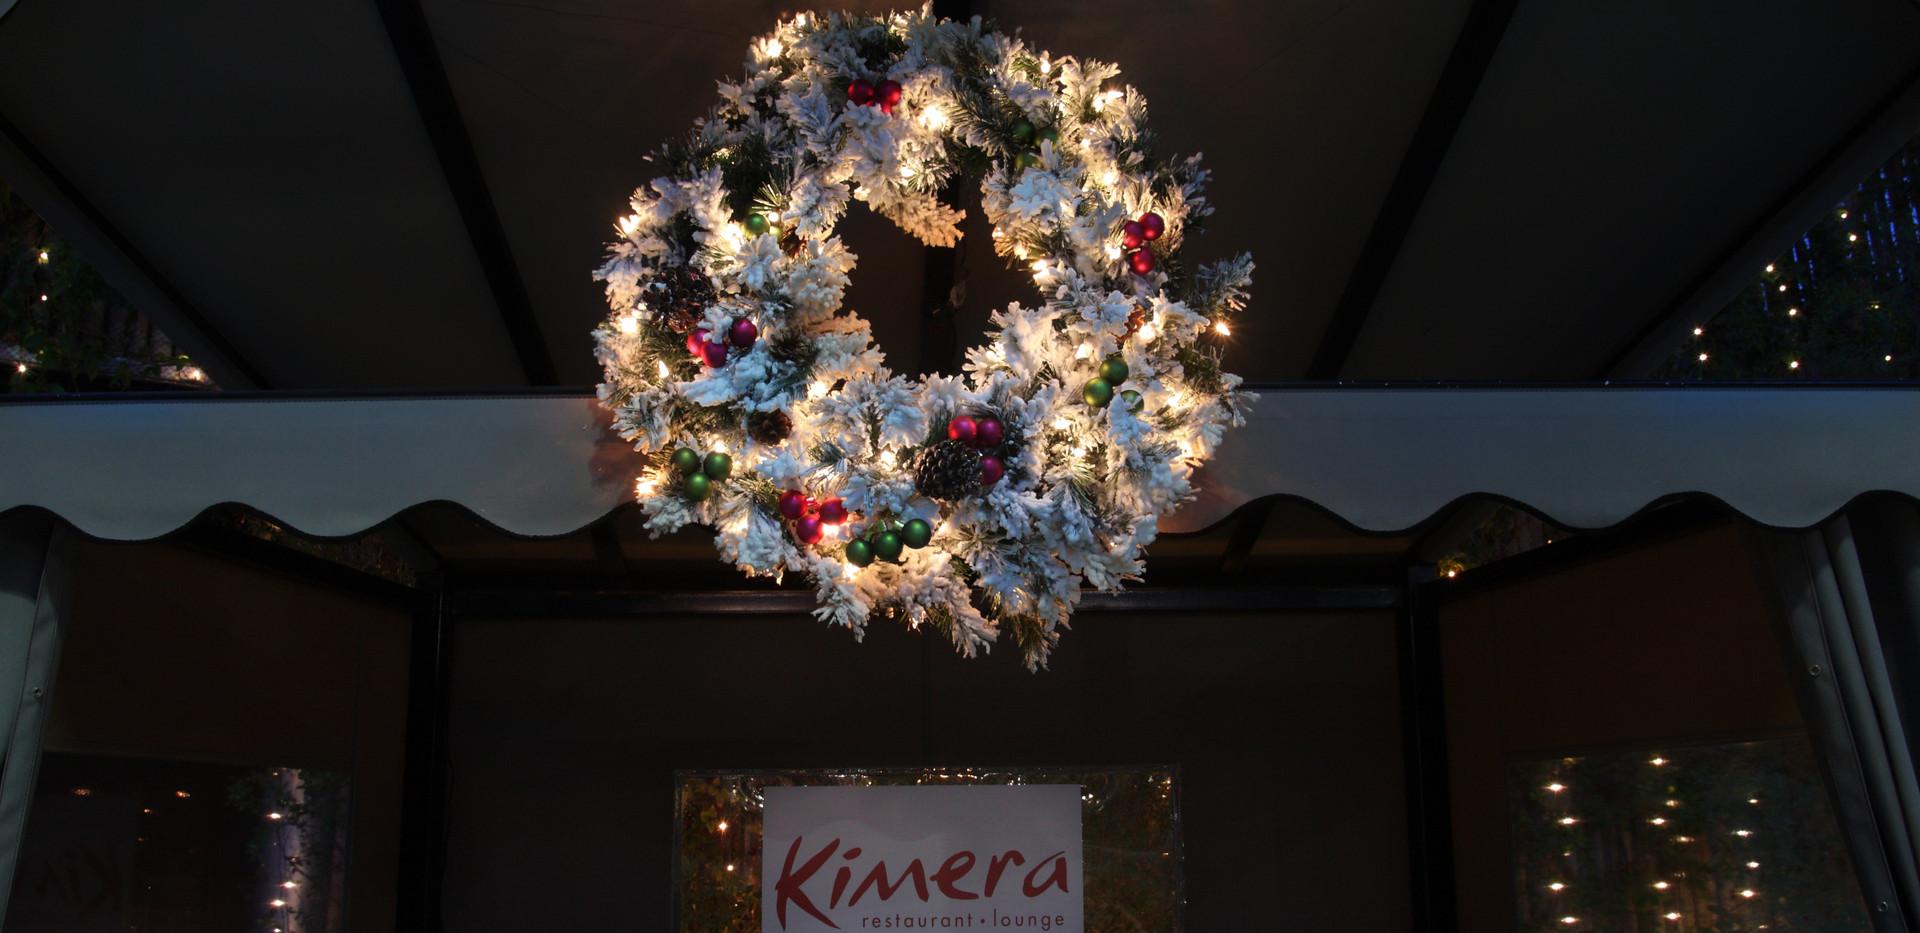 _Kimera_1337_A.jpg